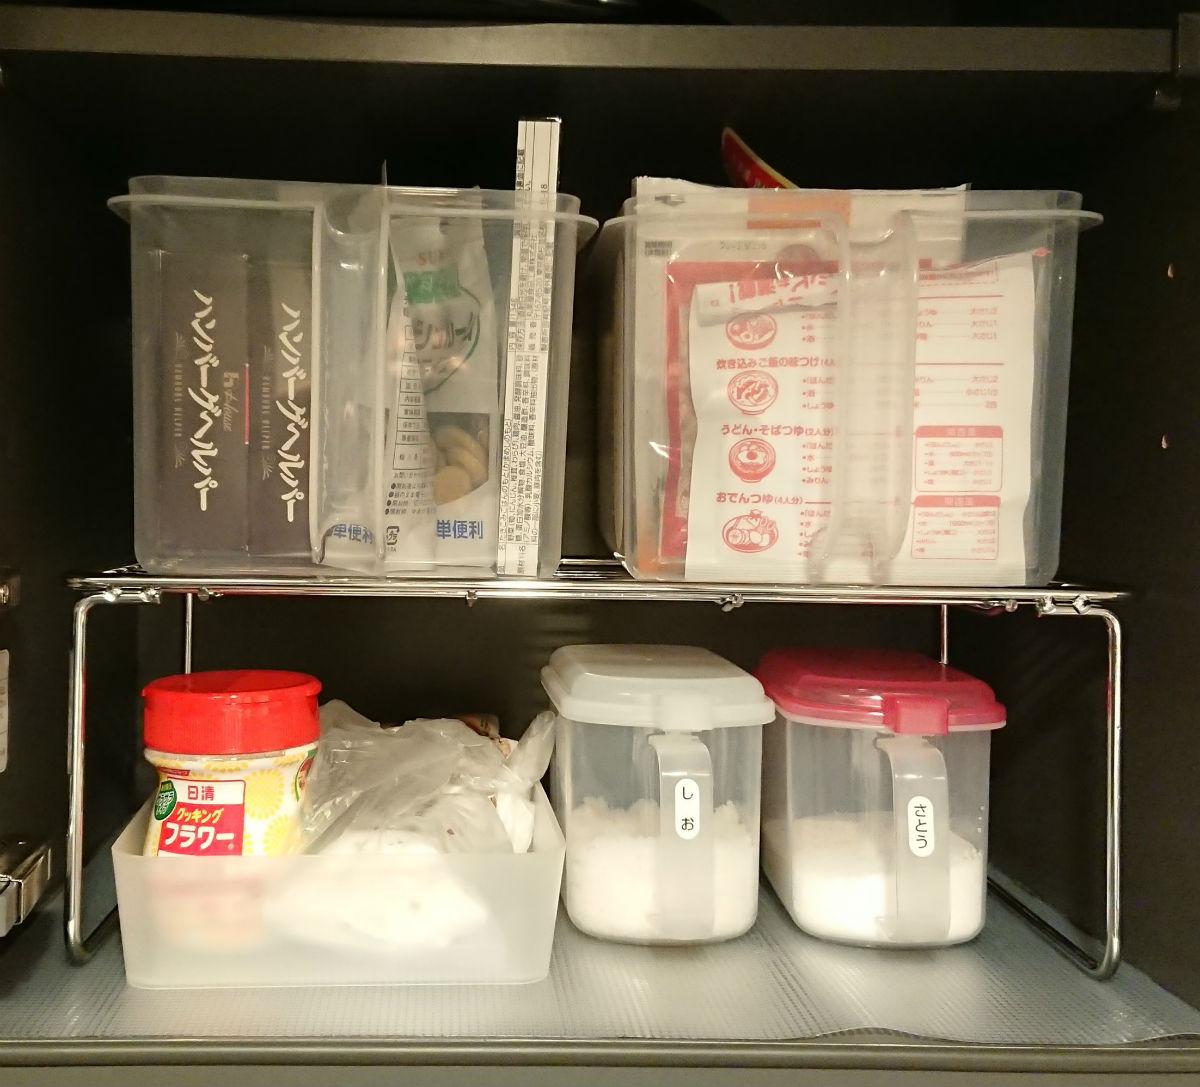 パール金属 積み重ね棚 とイノマタ化学のハンディーストッカー